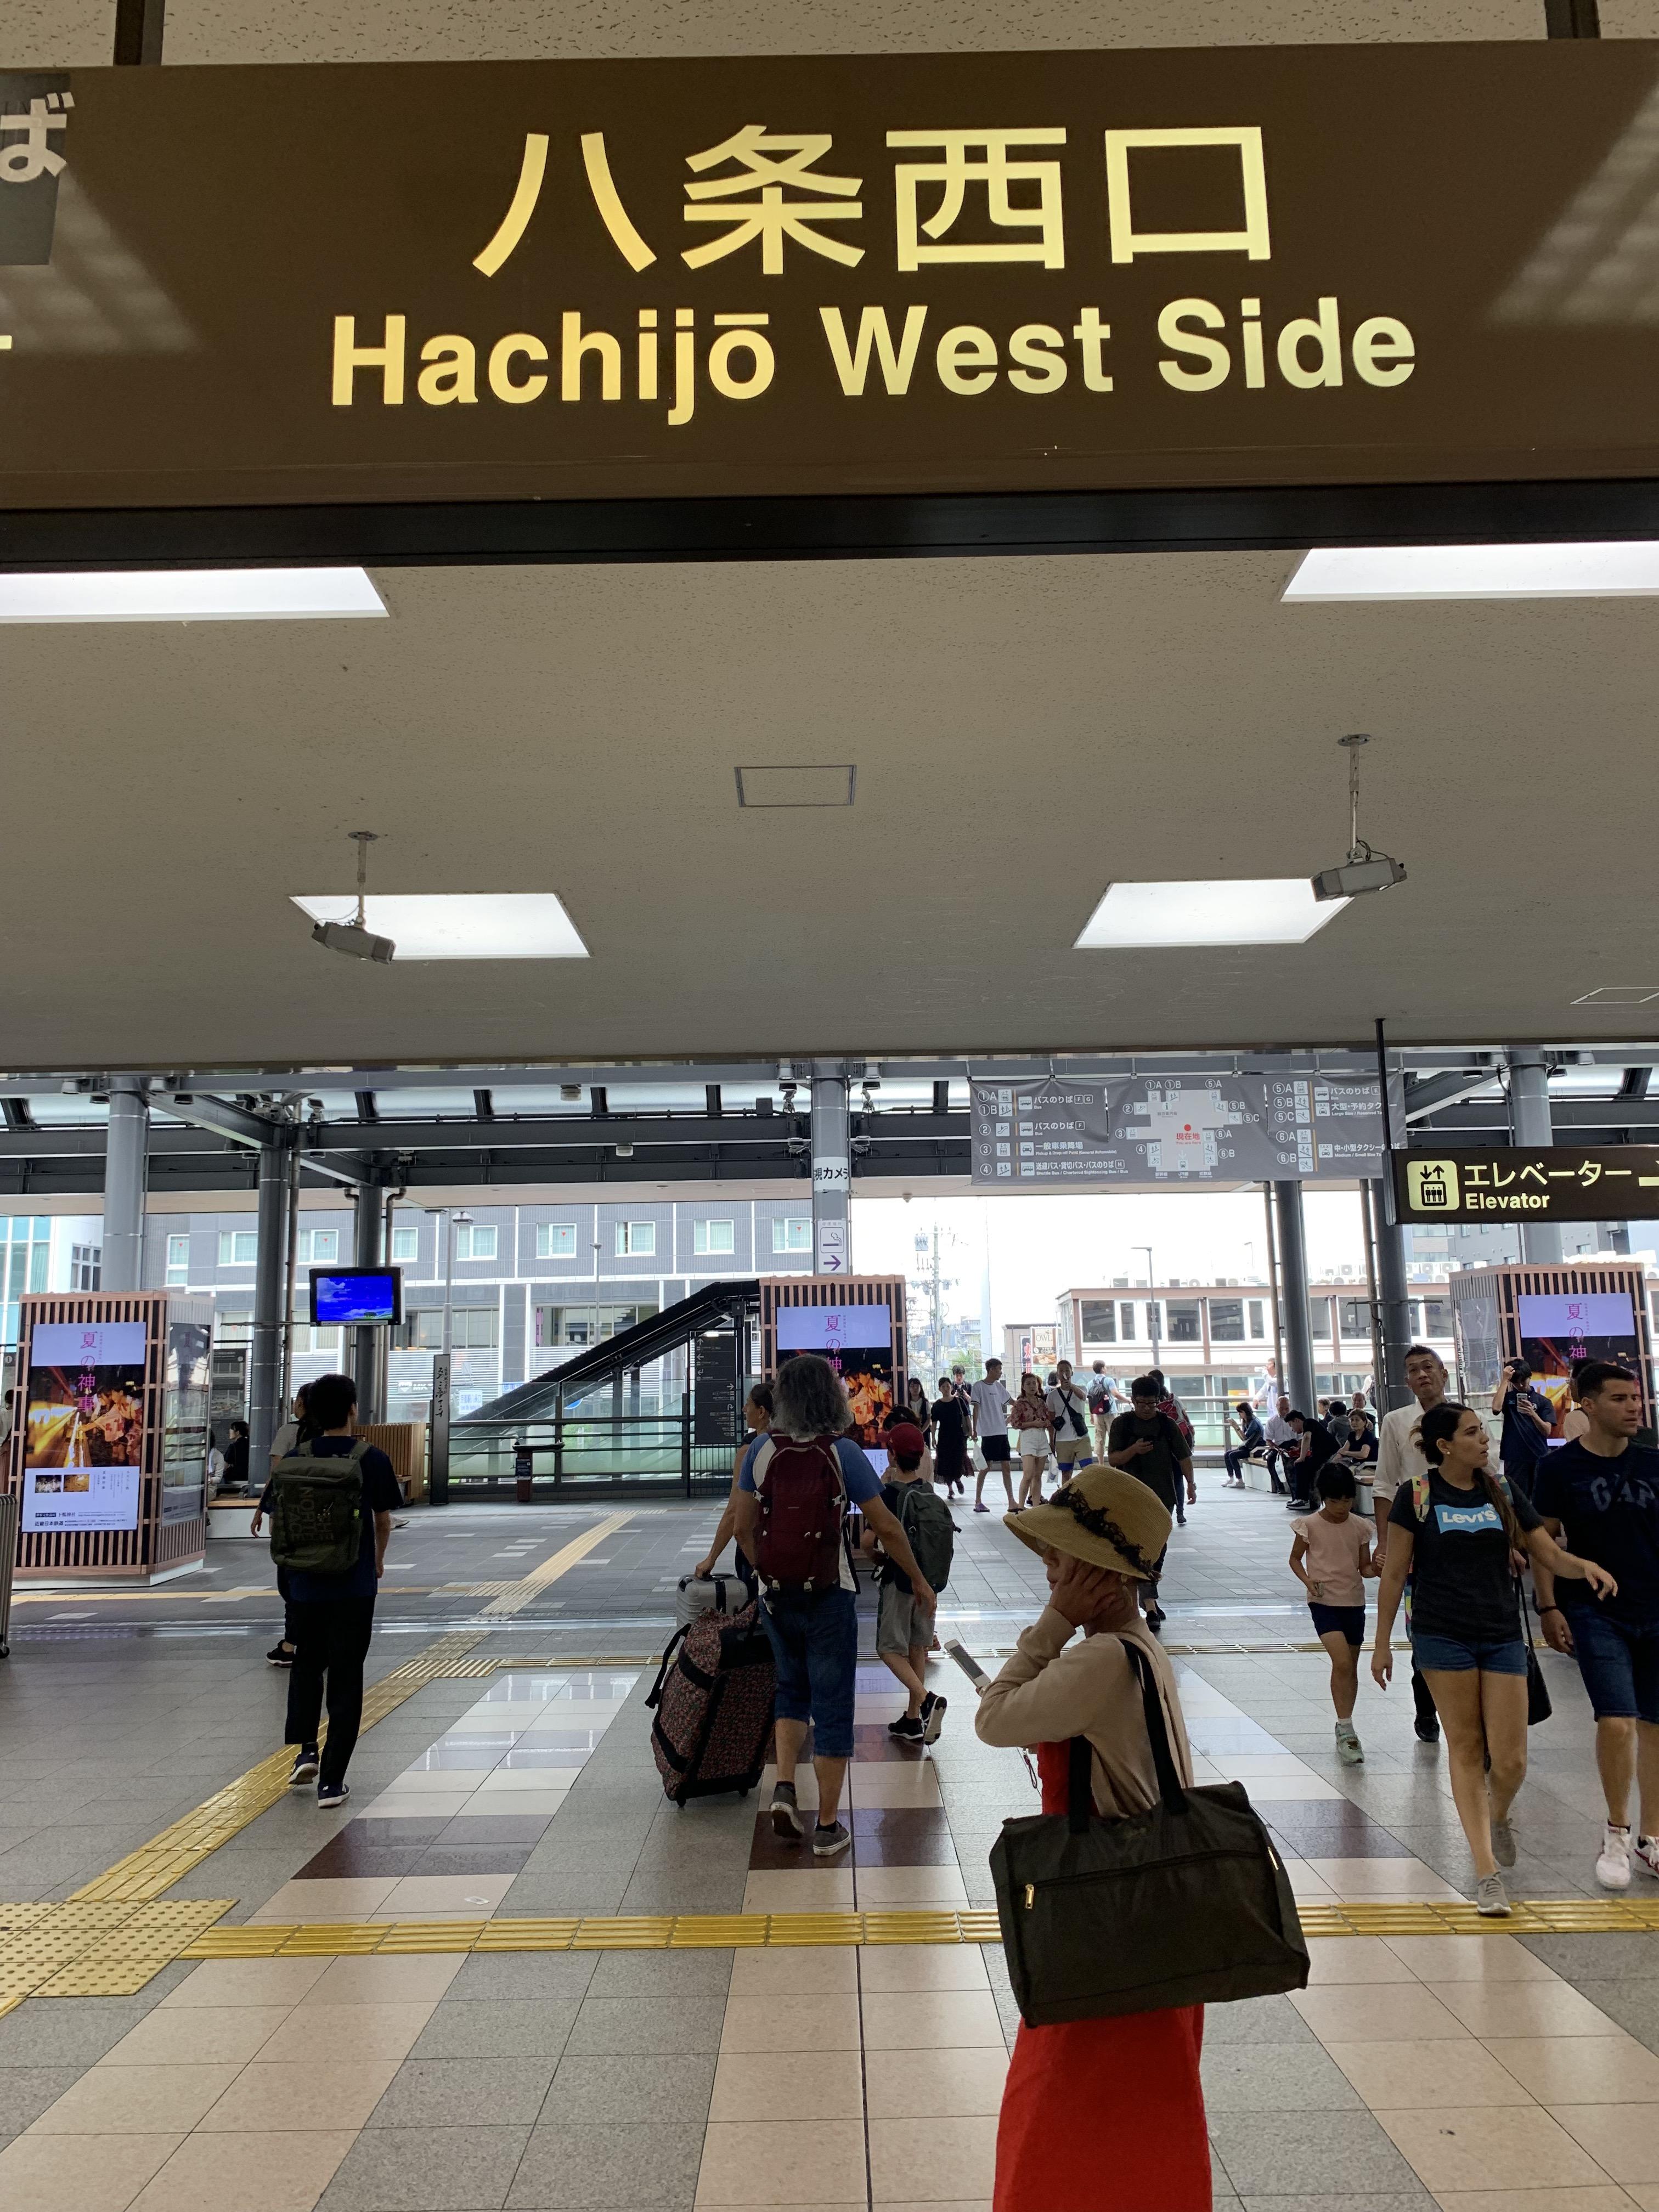 จุดขึ้น Kyoto Bus ที่ทางออก hachijo west sideสถานีเกียวโต